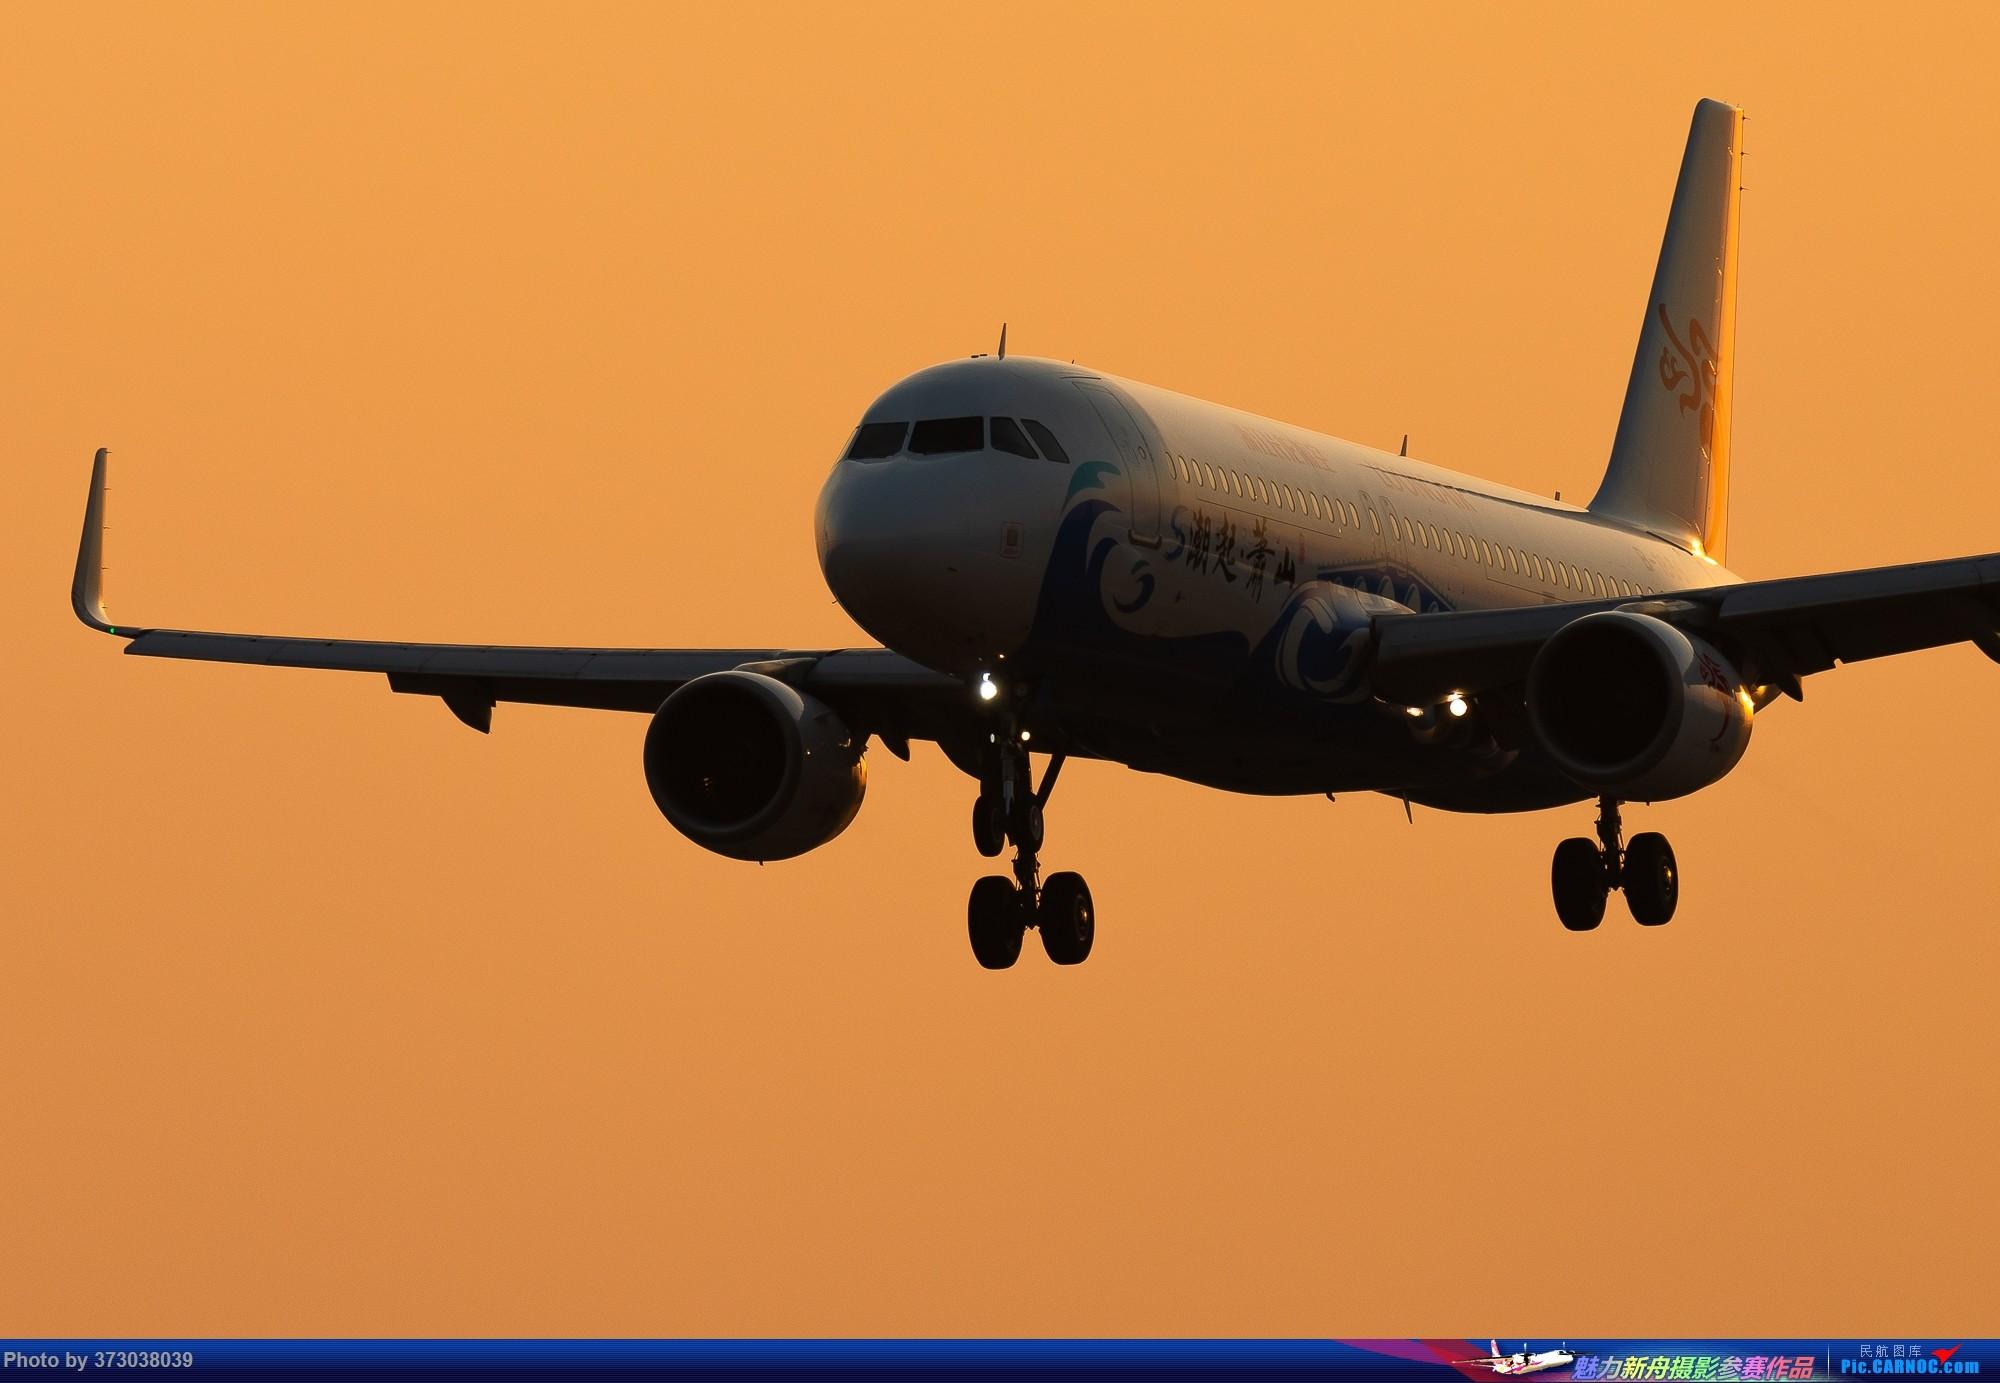 [原创]浙江长龙航空 潮起萧山号彩绘日暮回归 AIRBUS A320-200 B-1866 中国杭州萧山国际机场